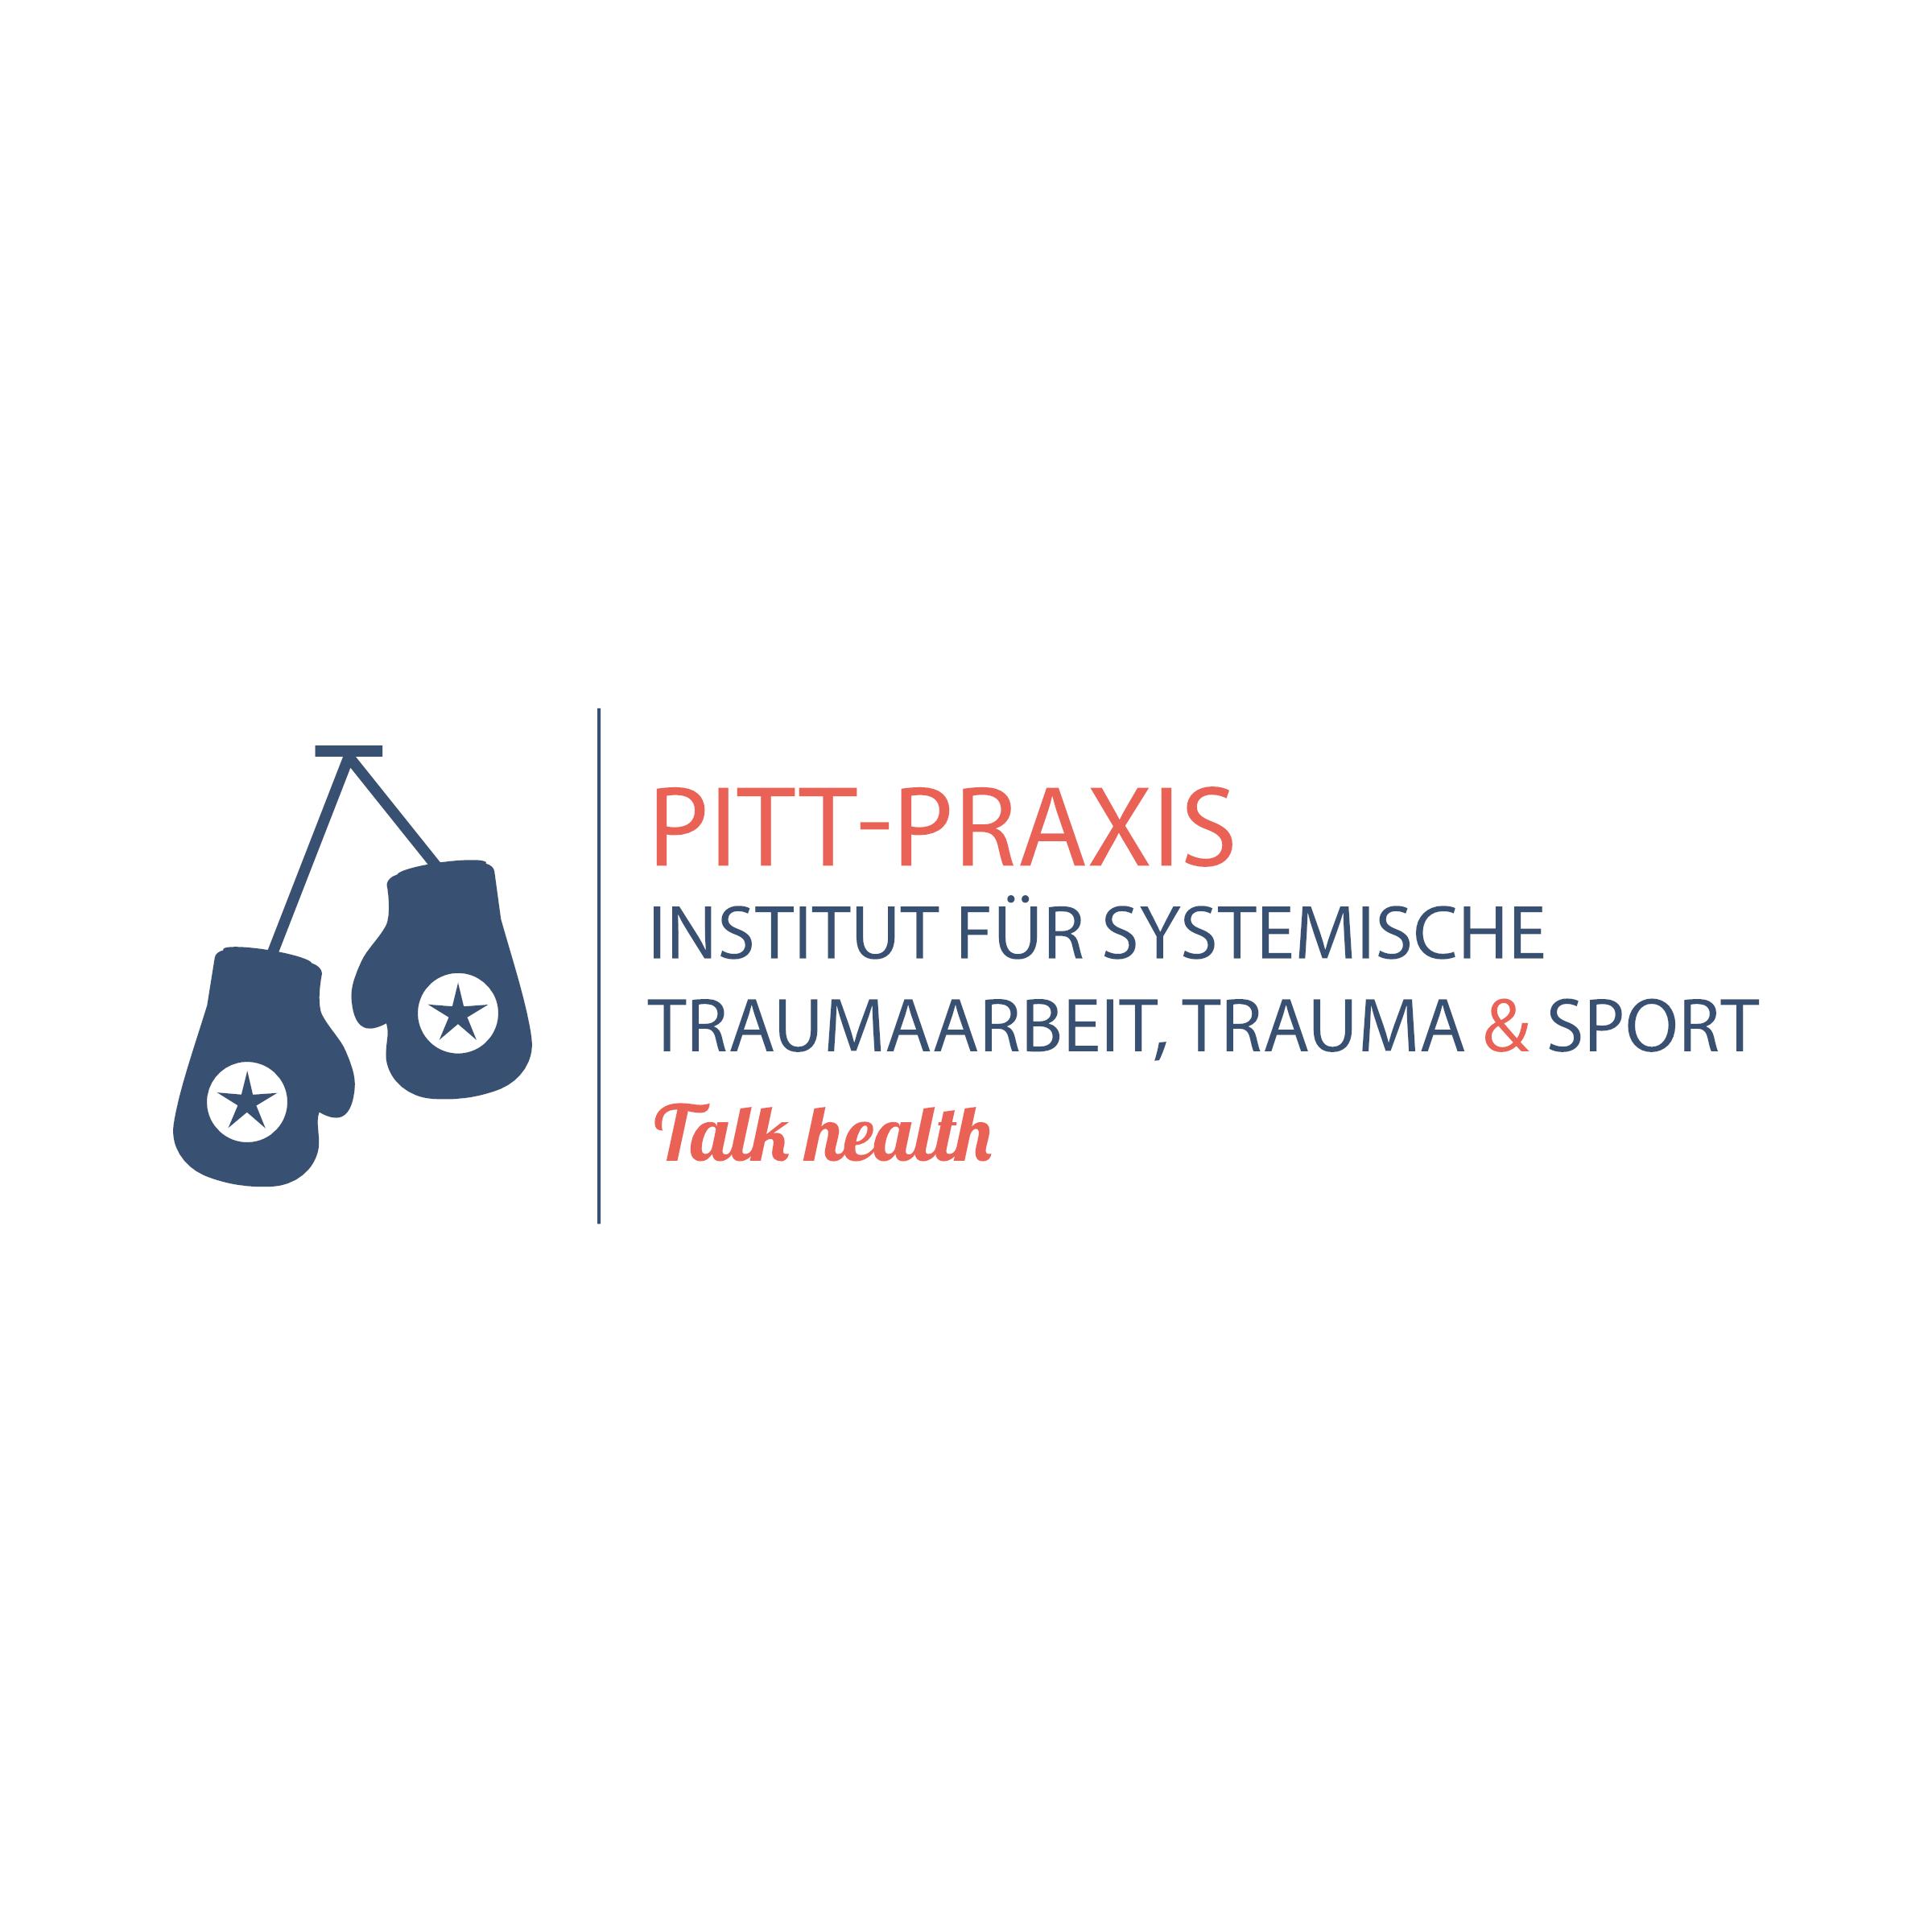 PITT -Praxis-Institut für Systemische Traumaarbeit, Trauma & Sport